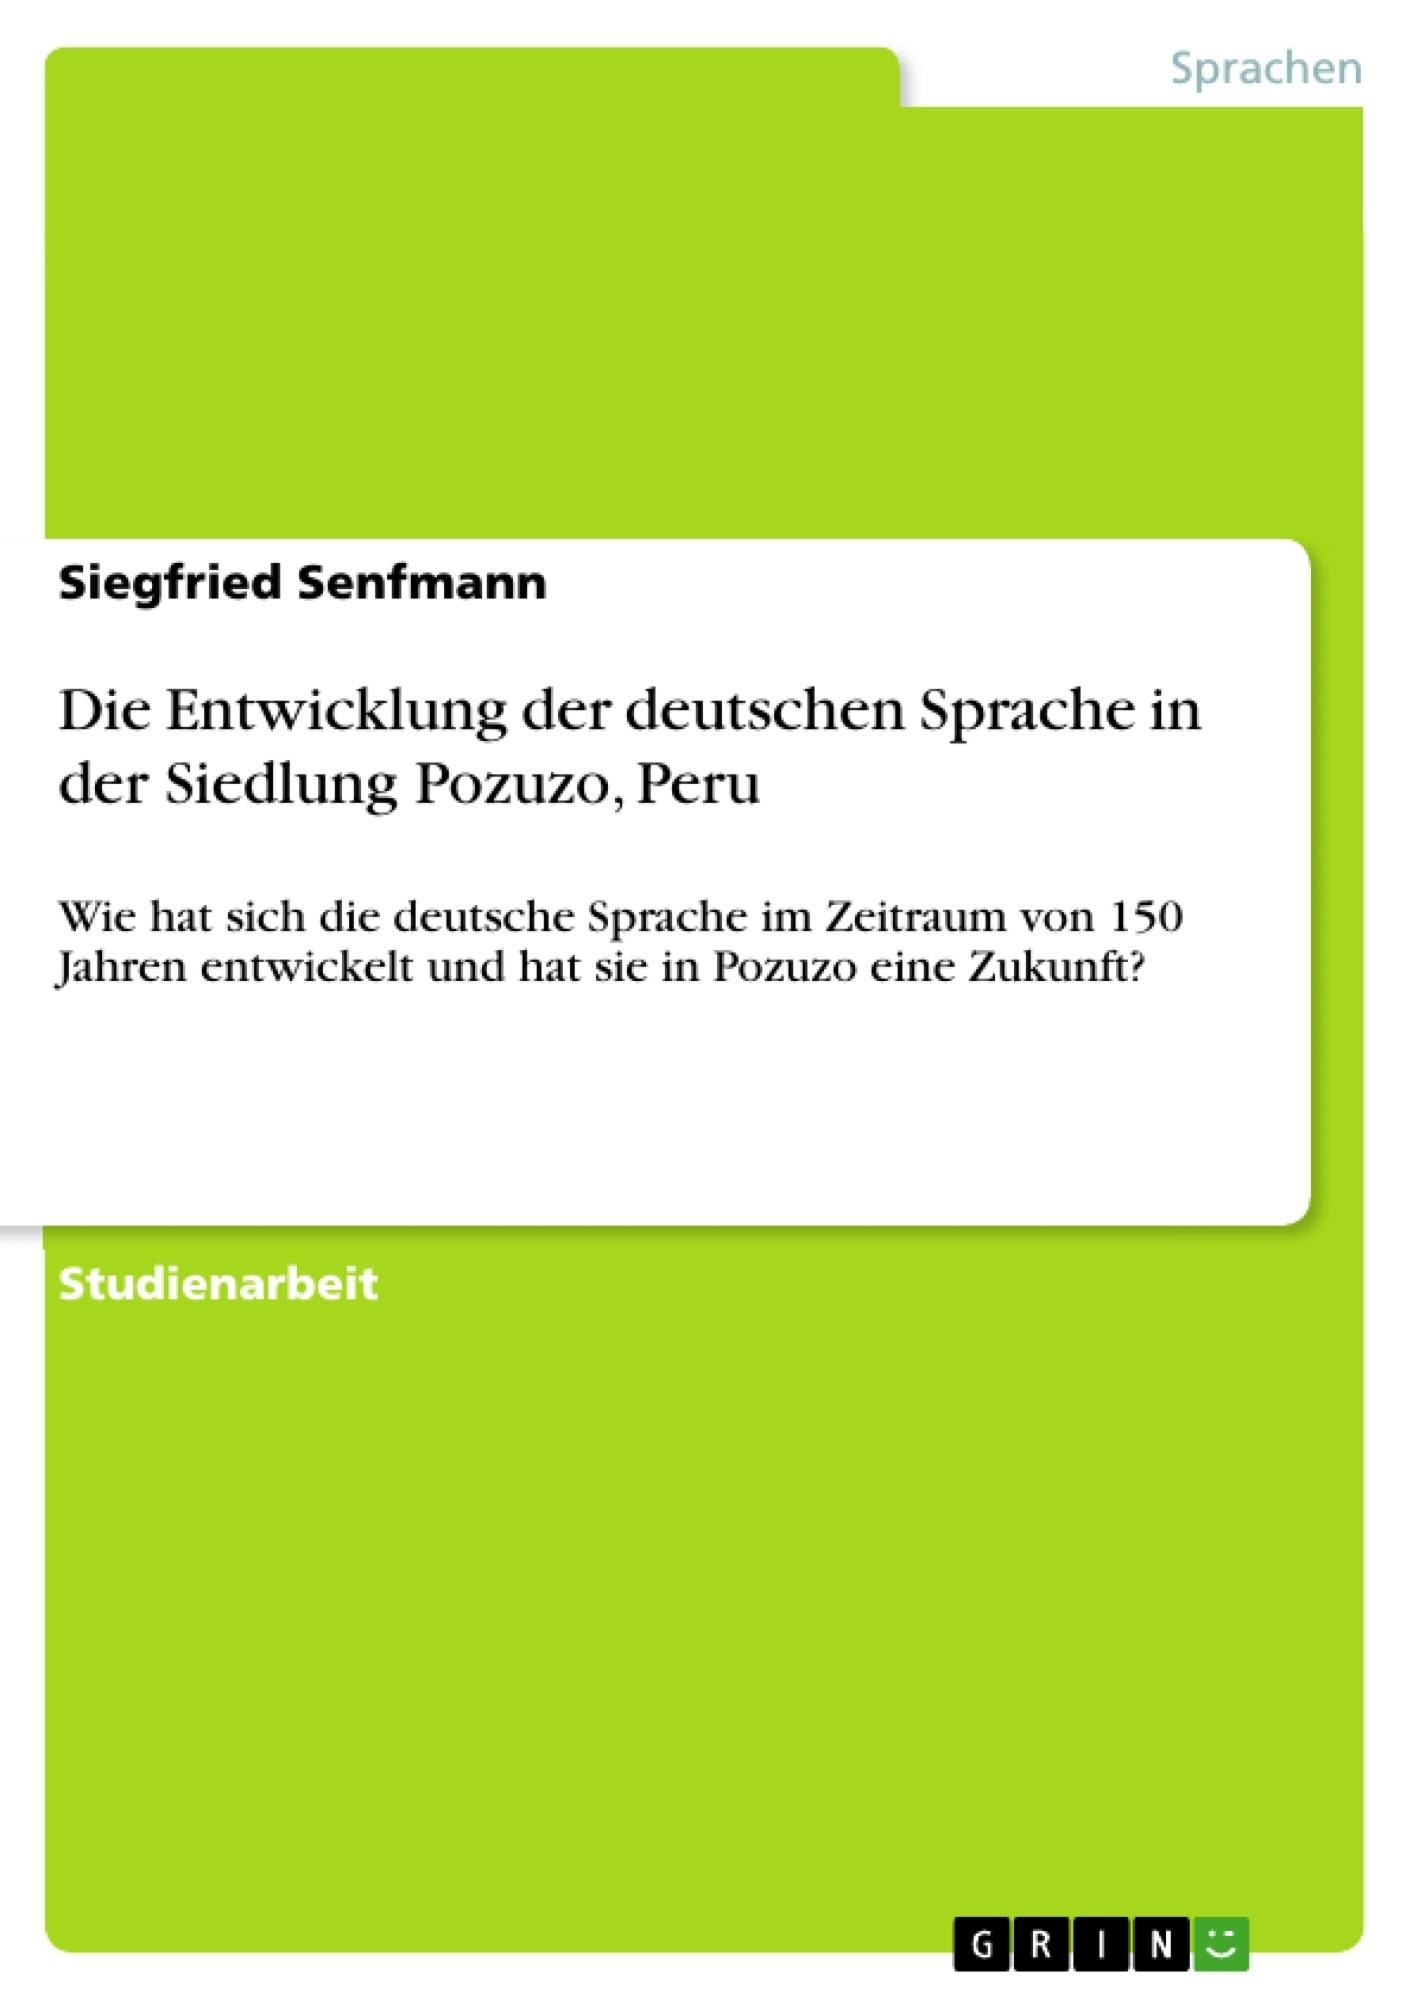 Titel: Die Entwicklung der deutschen Sprache in der Siedlung Pozuzo, Peru